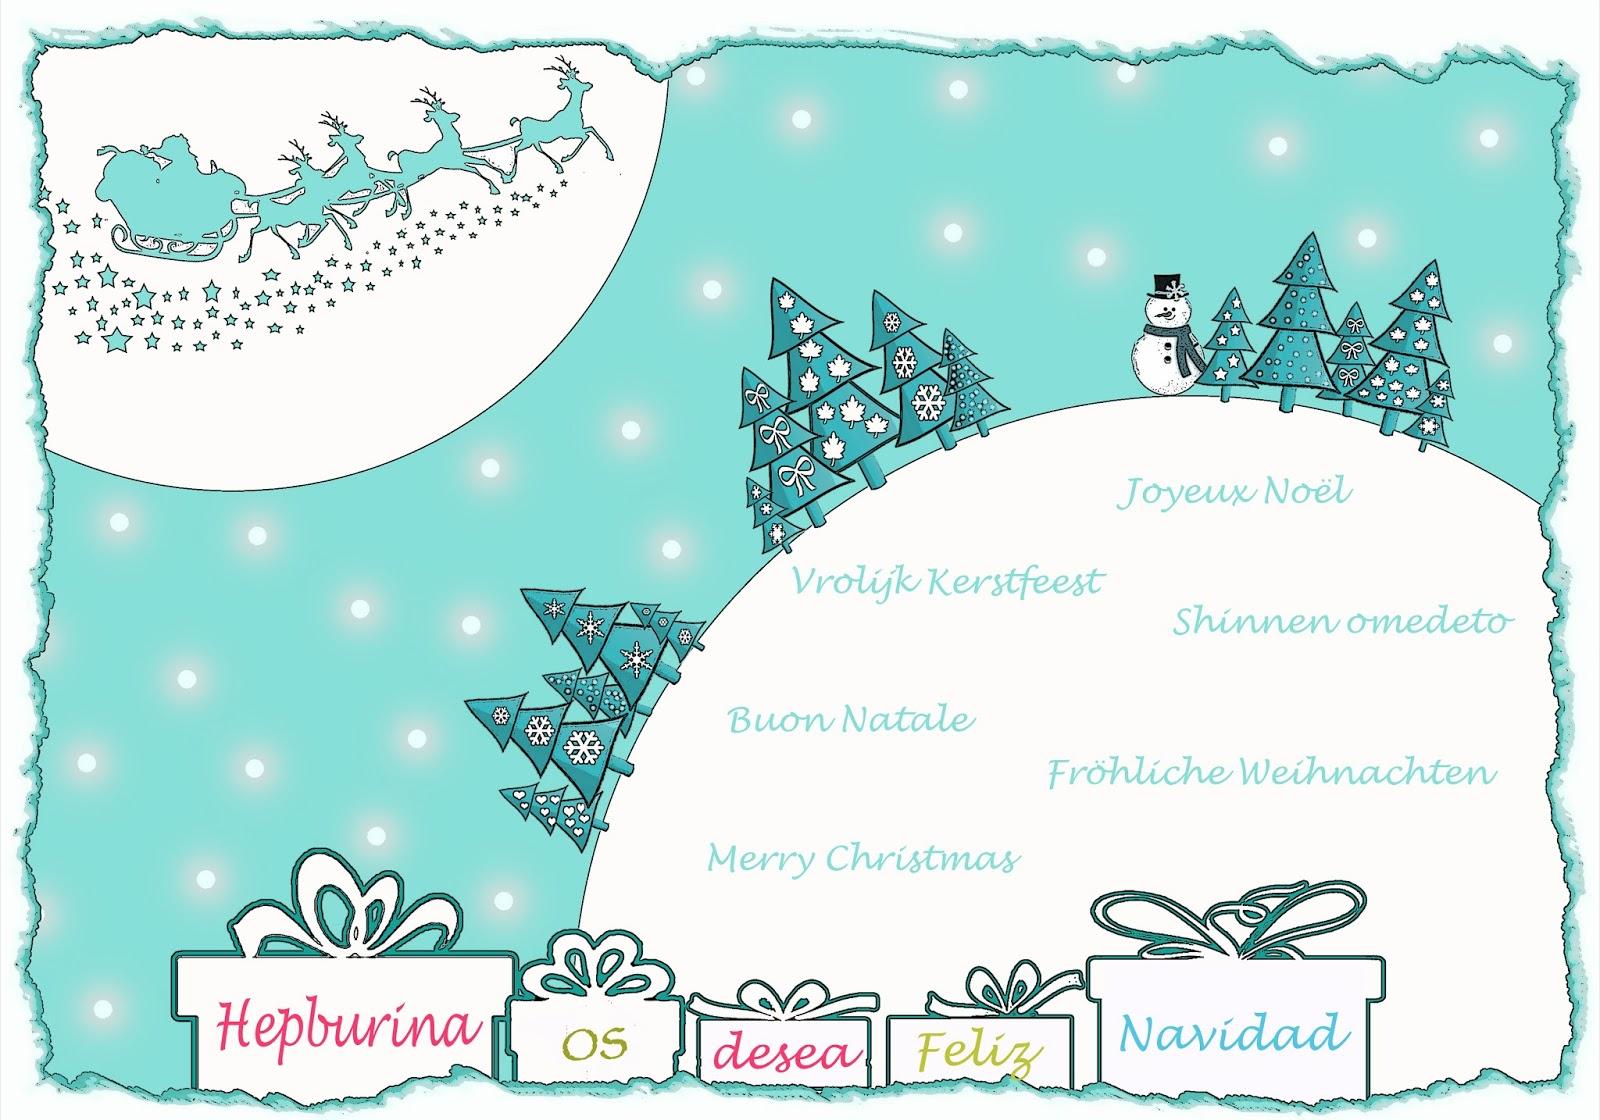 Como Decir Feliz Navidad En Holandes.Hepburina 40 Maneras De Decir Feliz Navidad